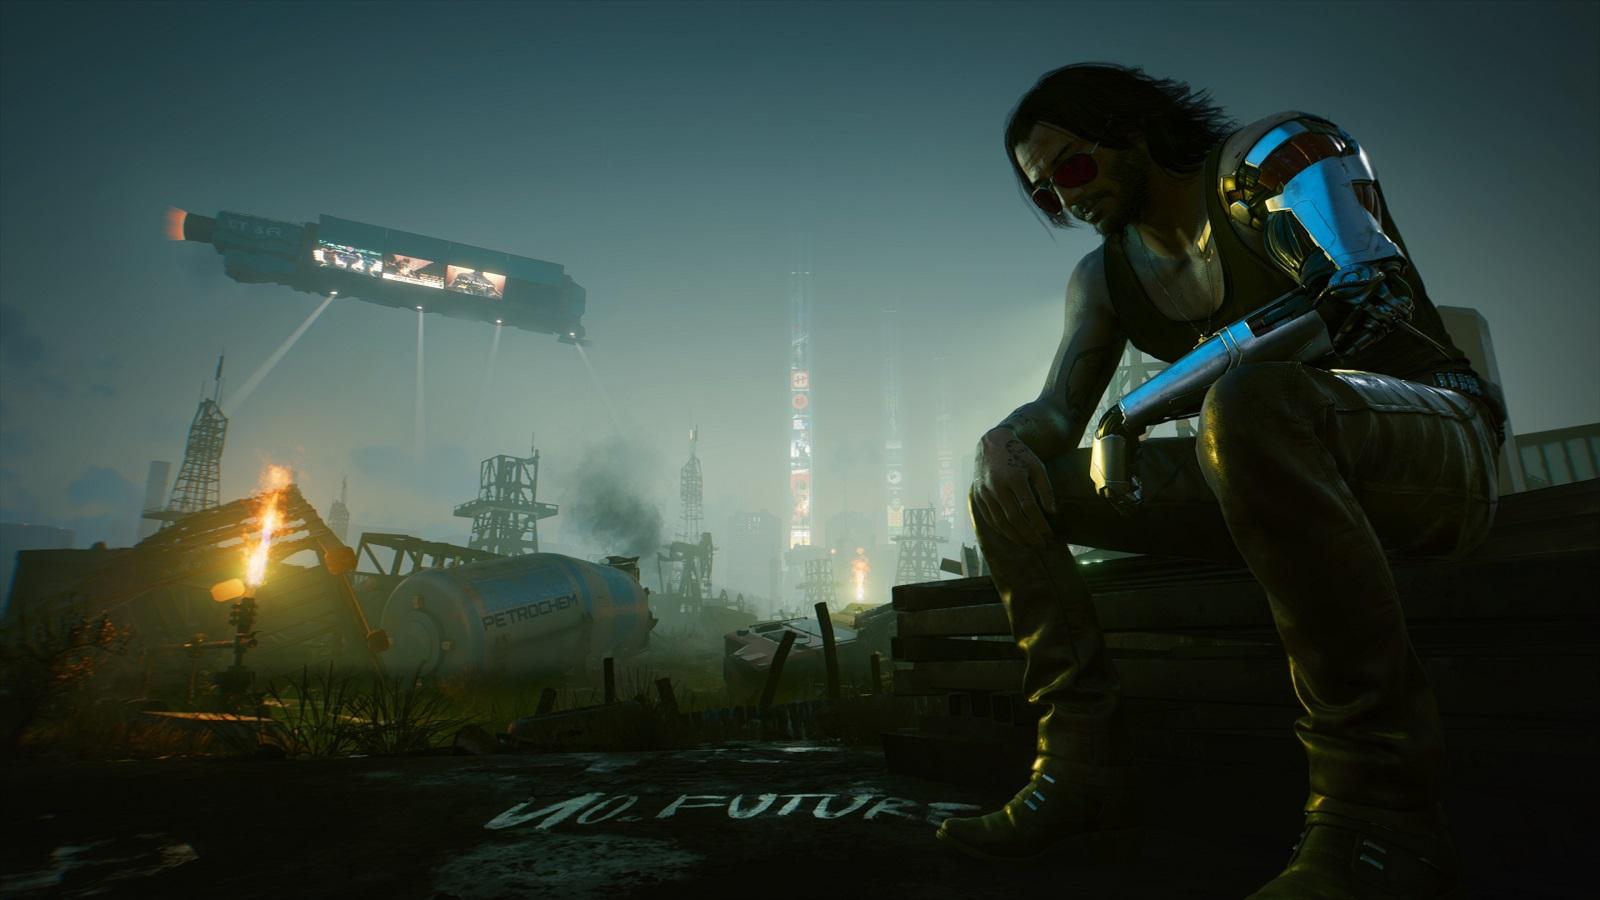 Разработчики Cyberpunk 2077 дополнили системные требования конфигурациями для 4K и трассировки лучей